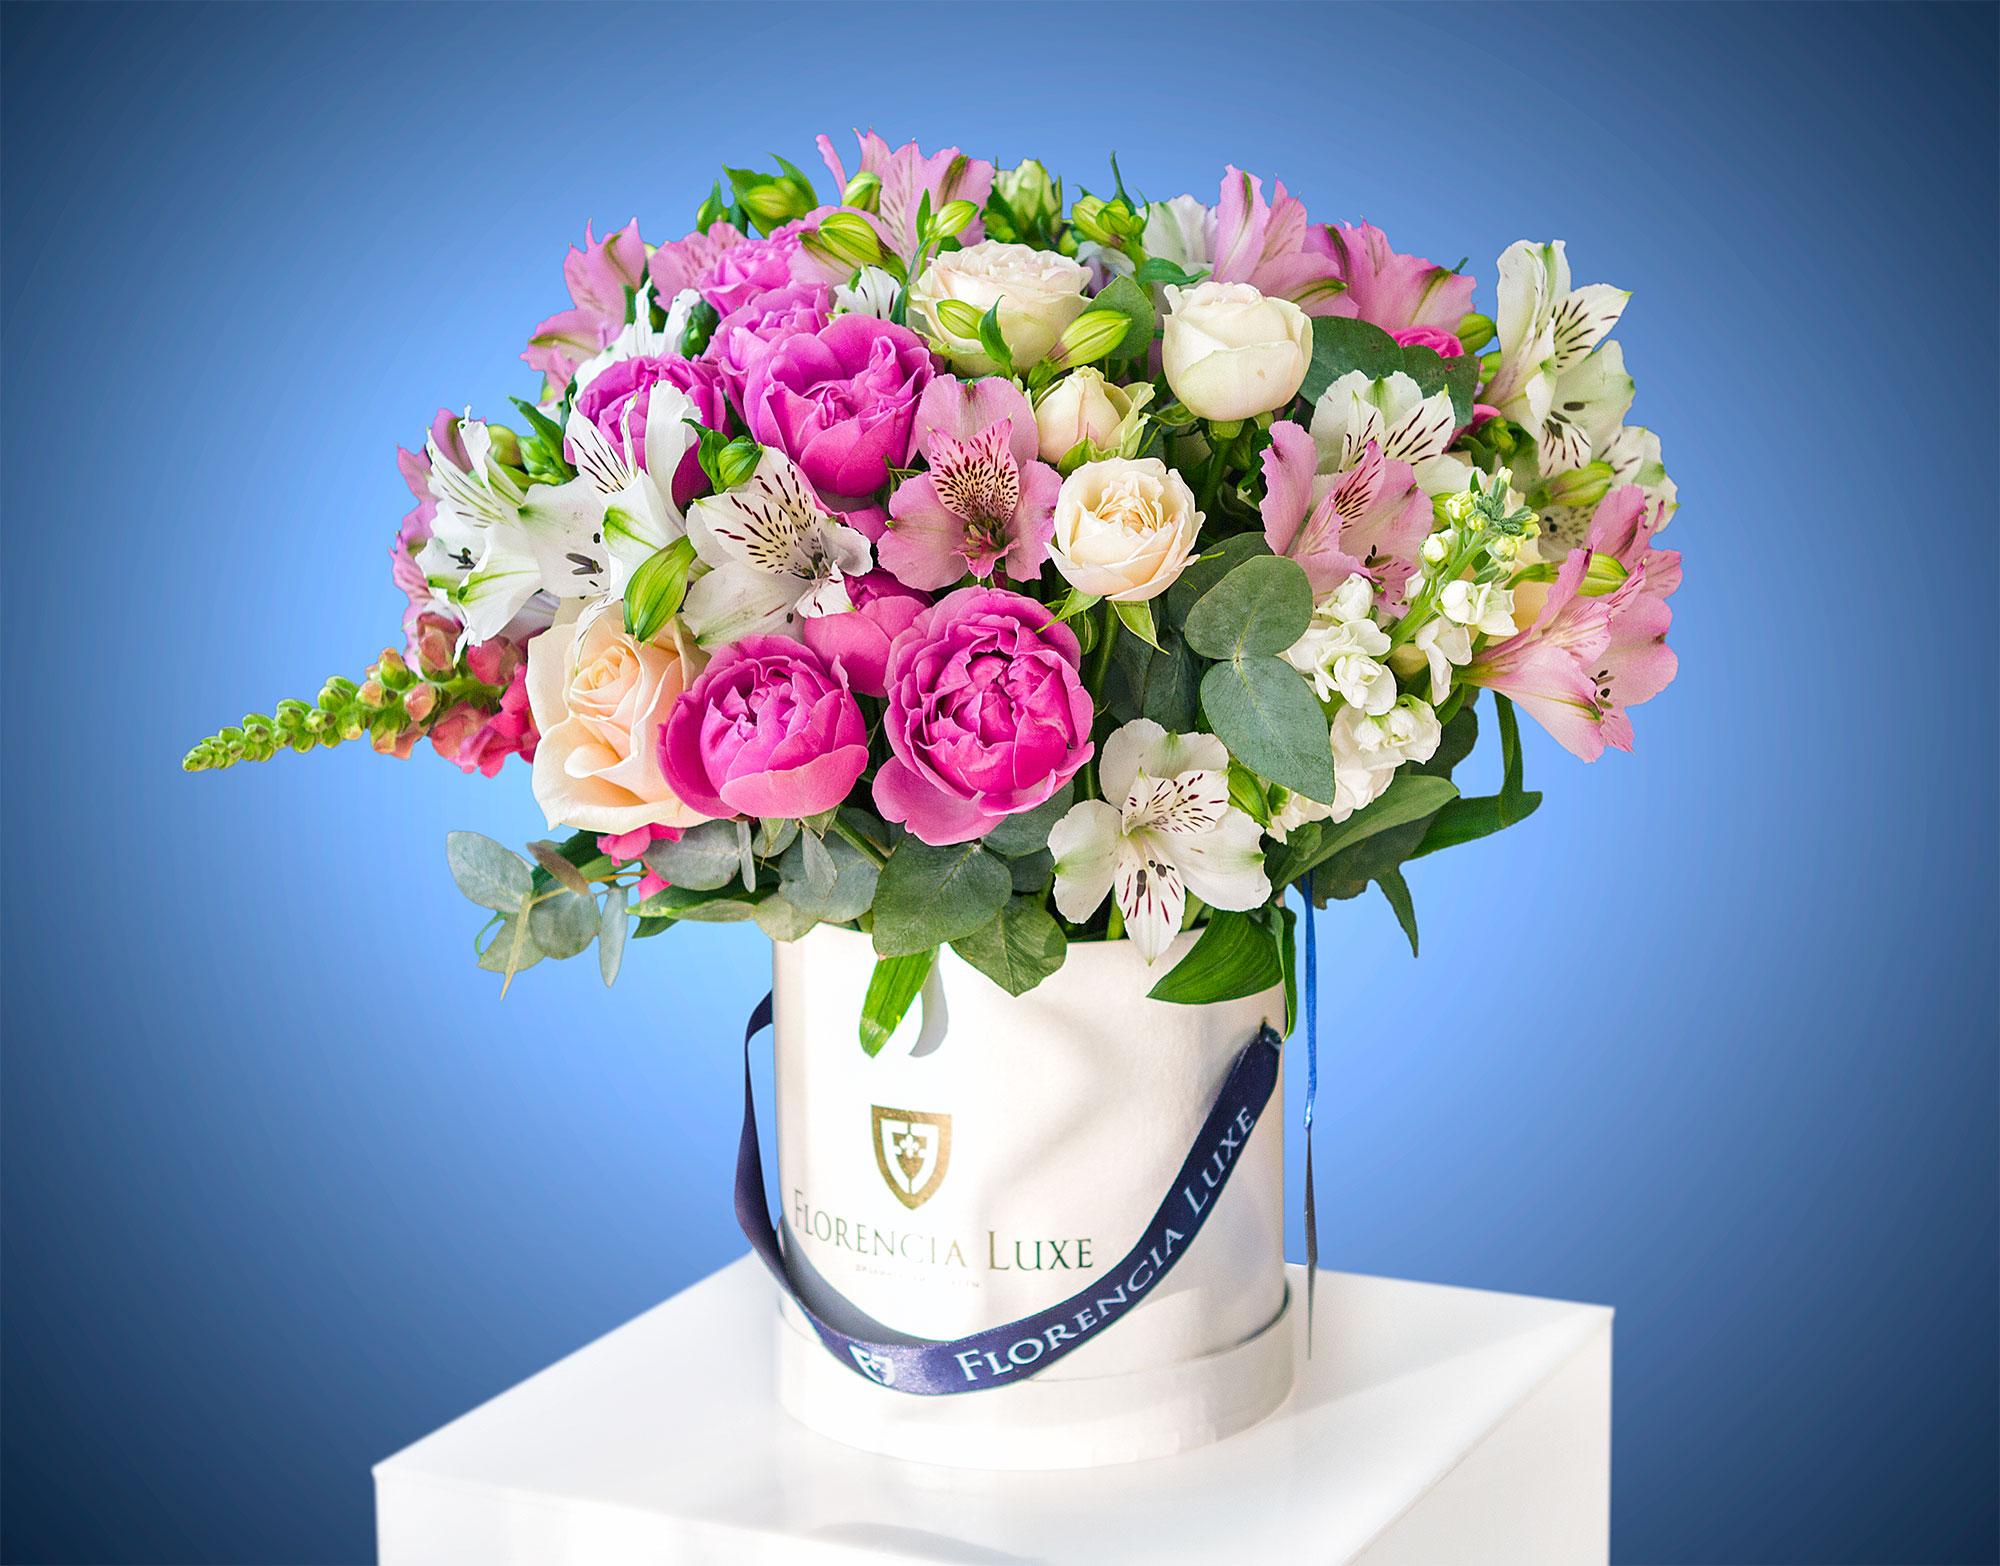 Ростов дону доставка цветов, цветов